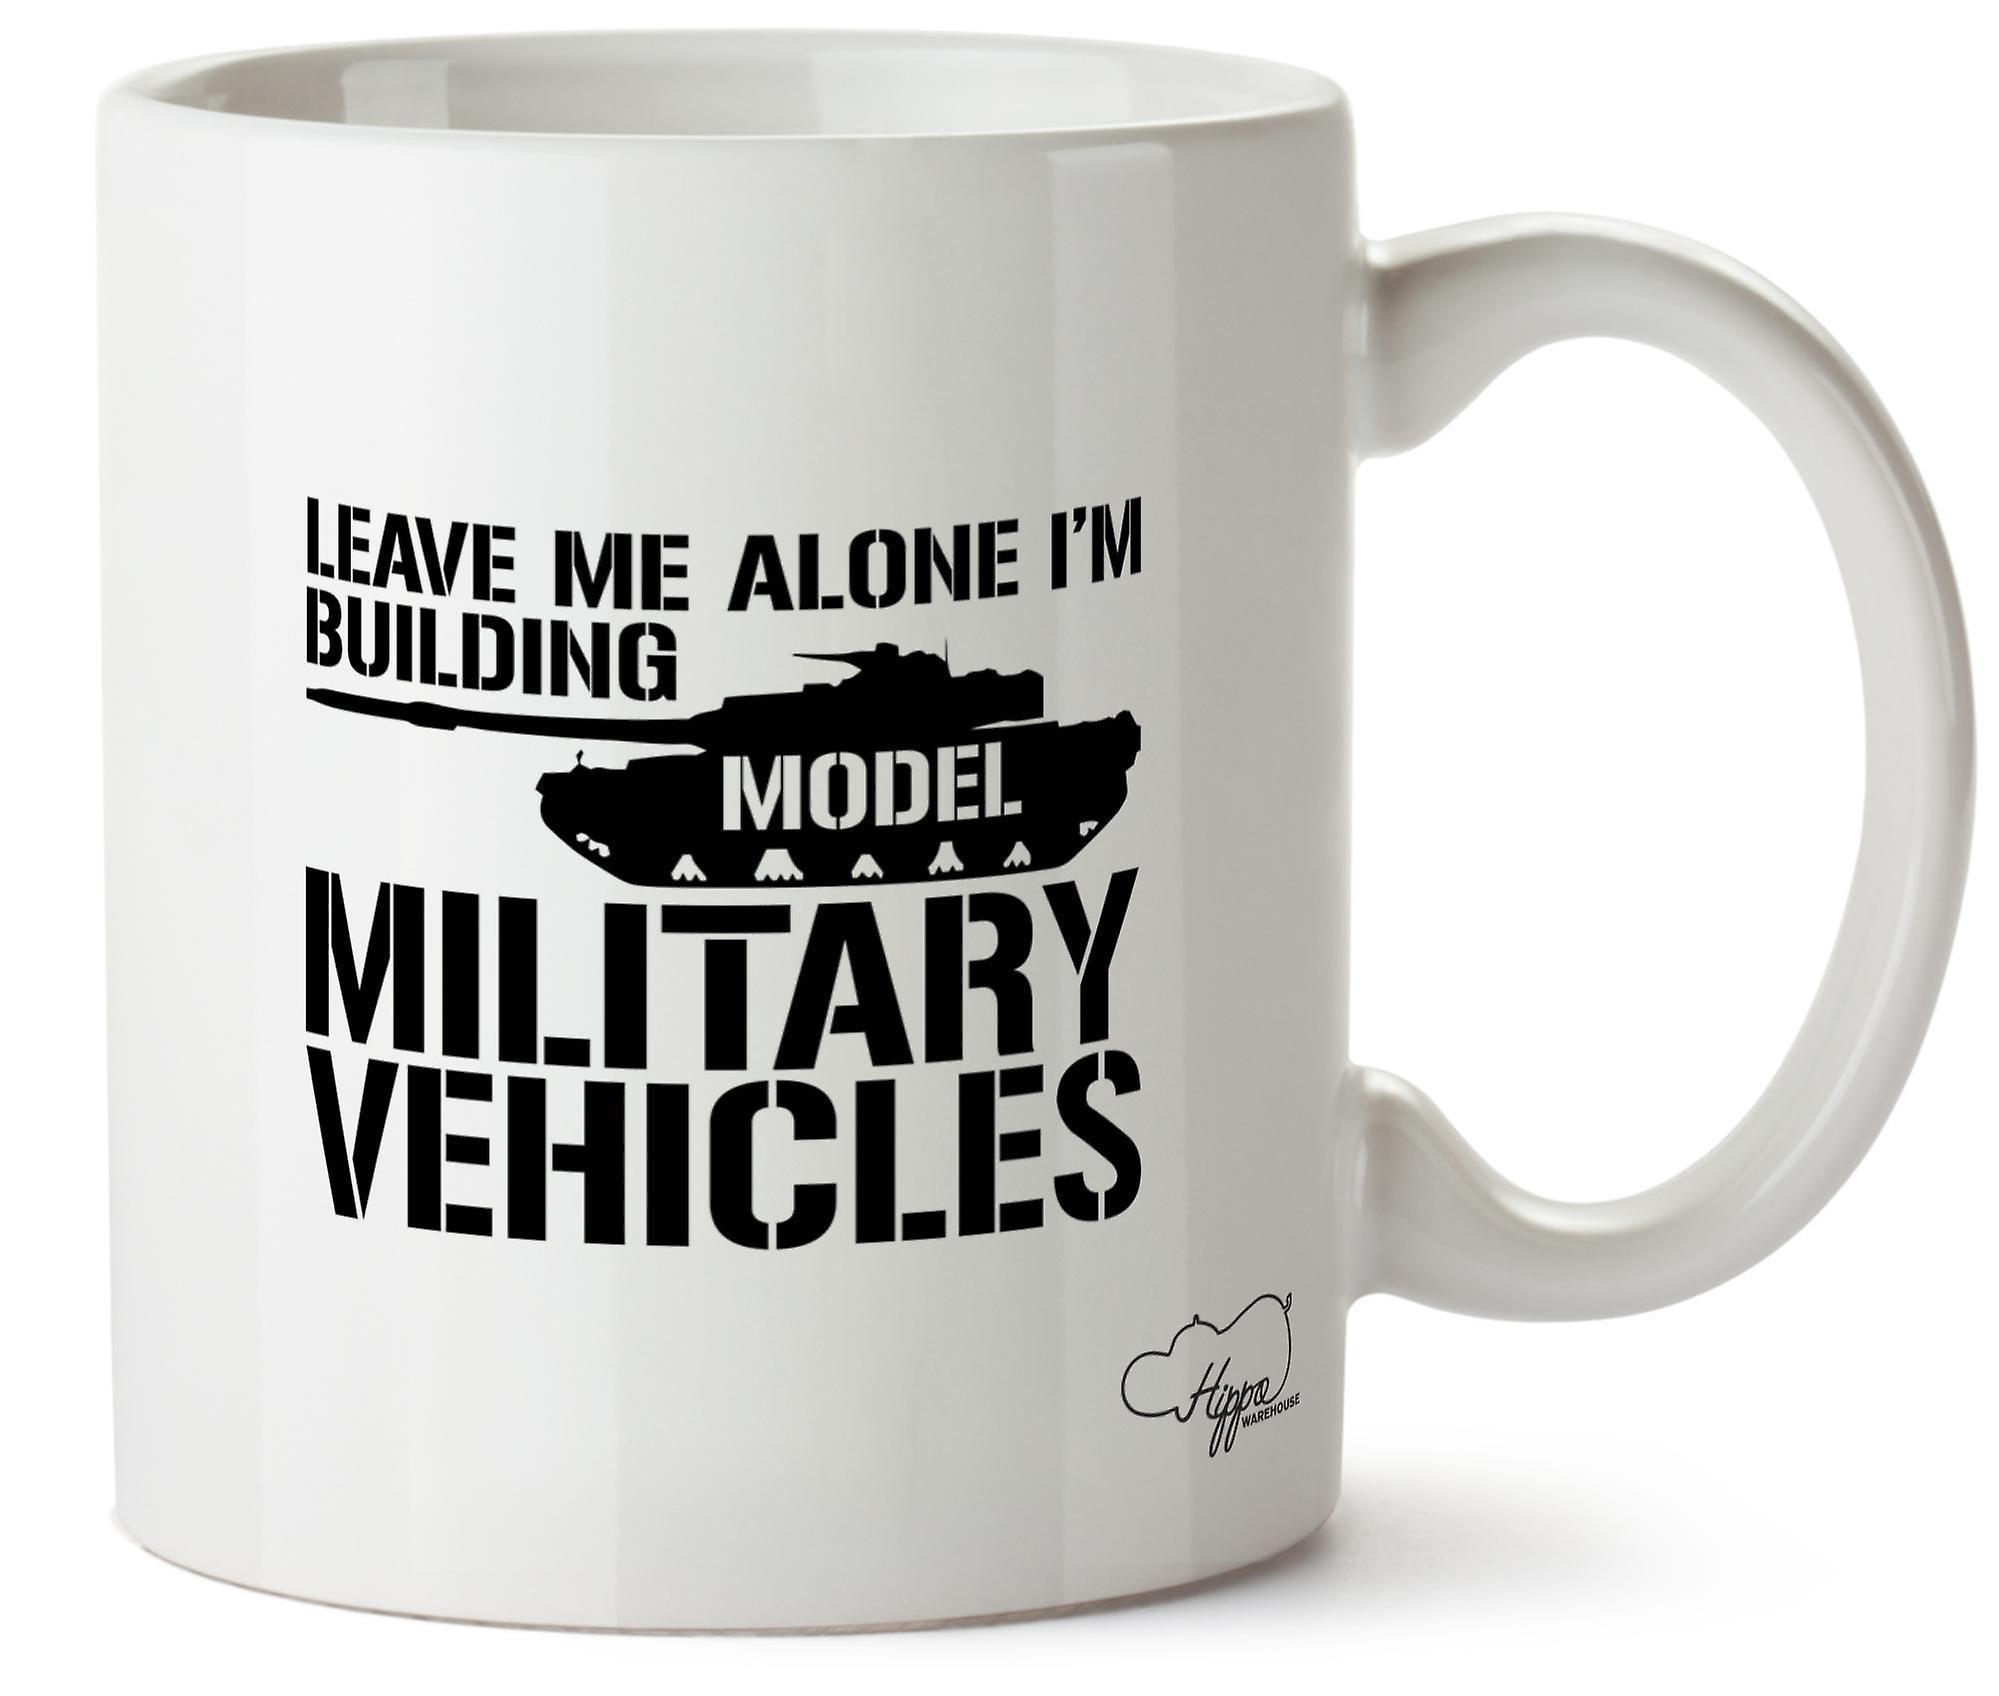 Je Seul Imprimés Céramique Véhicules En 10oz Moi Modèle Laissez Construis Militaires Tasse Hippowarehouse Mug qzpMSUV